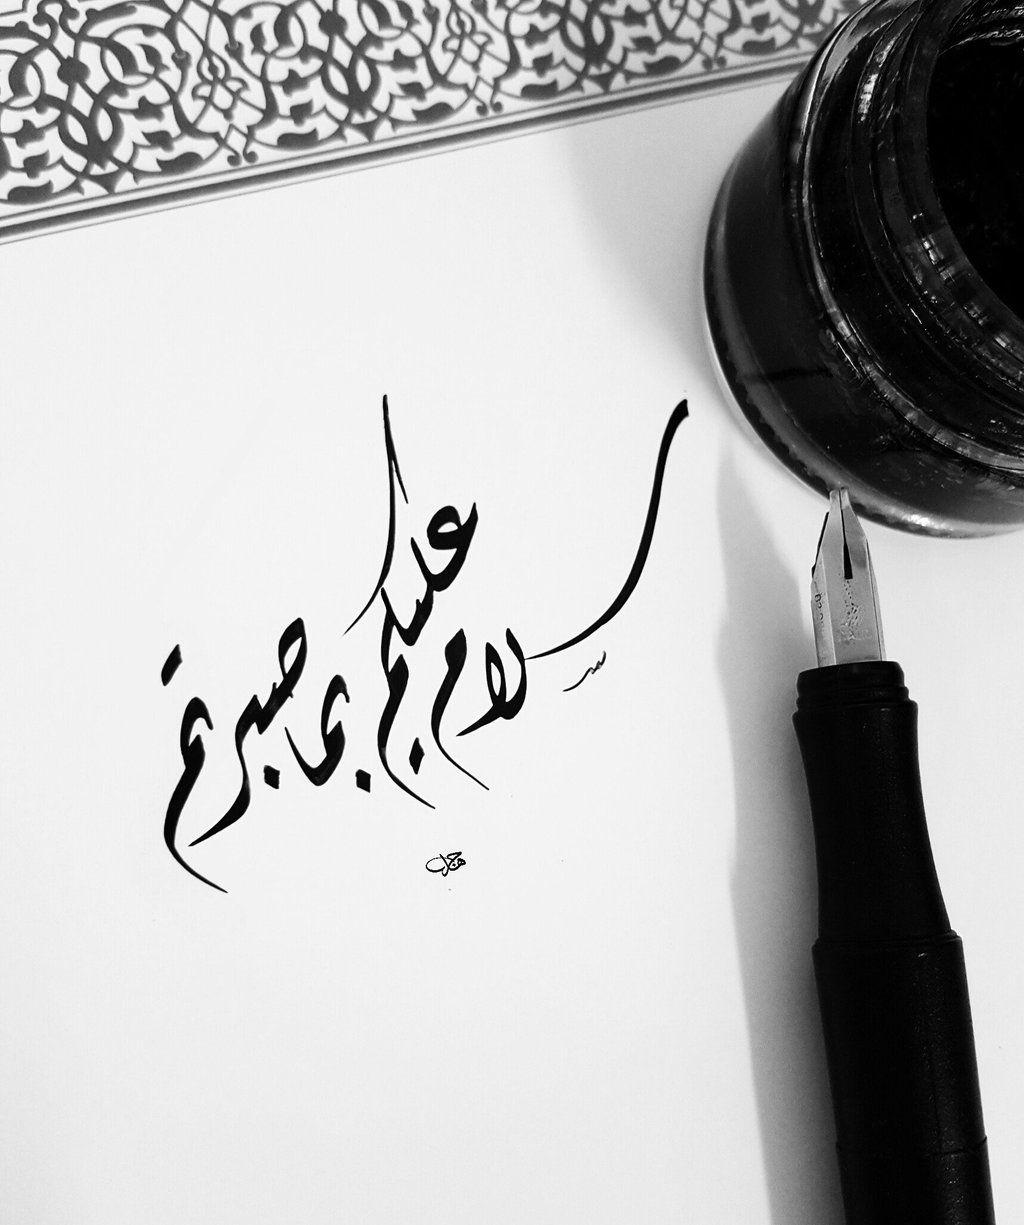 س ل ام ع ل ي ك م ب م ا ص ب ر ت م ف ن ع م ع ق ب ى الد ار 24 سورة الرعد الصبر Arabic Calligraphy Art Calligraphy Art Arabic Calligraphy Fonts